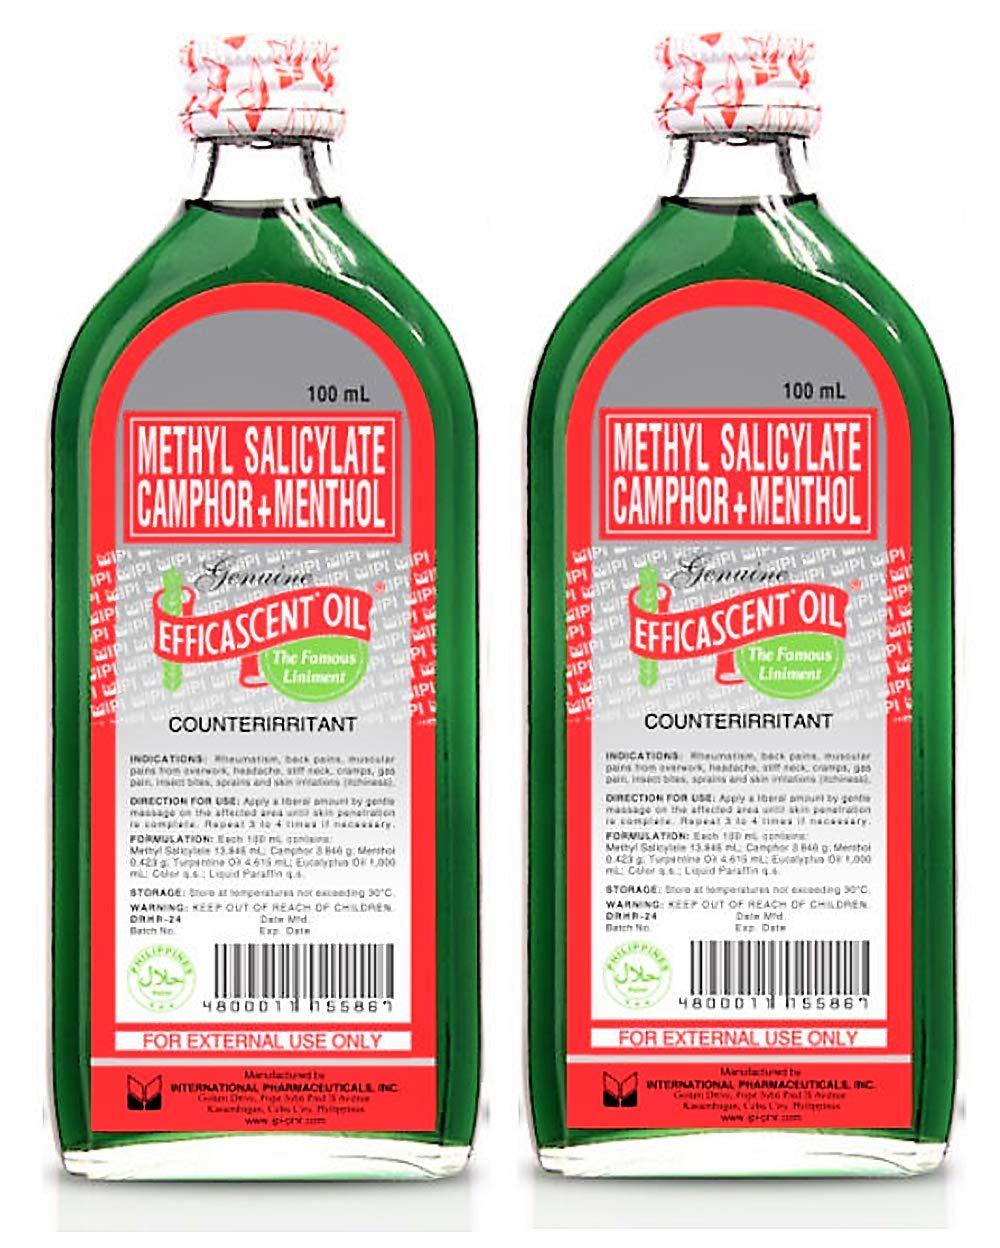 Efficascent Oil 100ml, 2 Bottles